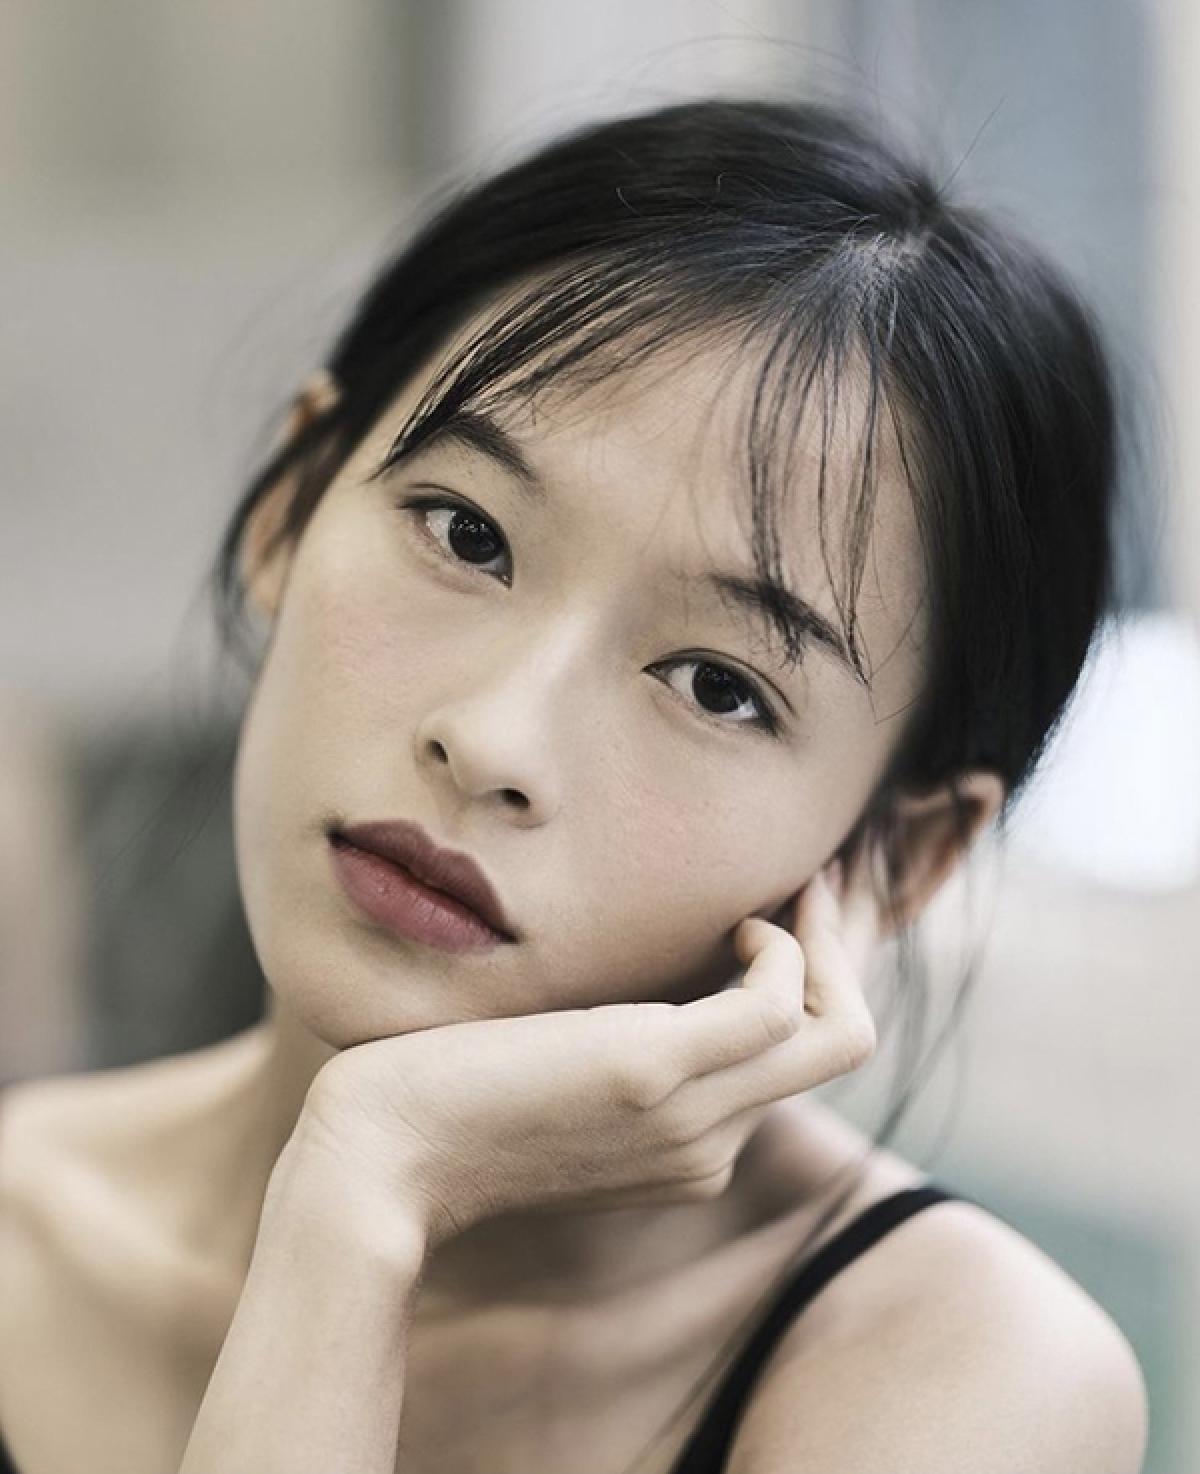 Thậm chí, cộng đồng mạng Trung Quốc còn cho rằng vẻ đẹp của nữ người mẫu sinh năm 1999 đúng chuẩn gu mà vị đạo diễn tài ba Trương Nghệ Mưu luôn tìm kiếm.